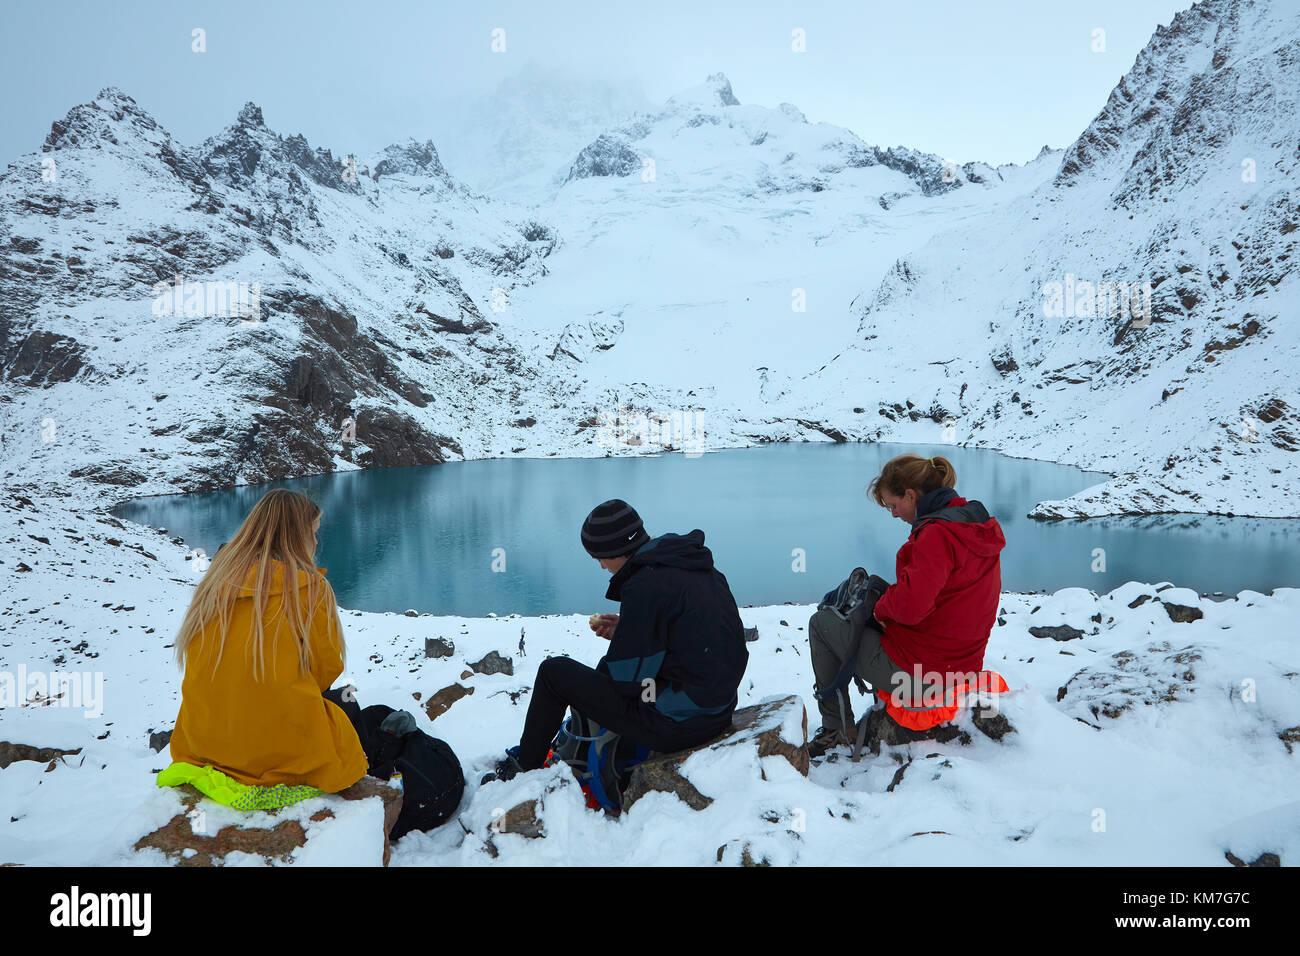 Hikers in snow at Laguna de los Tres, Parque Nacional Los Glaciares (World Heritage Area), Patagonia, Argentina, - Stock Image